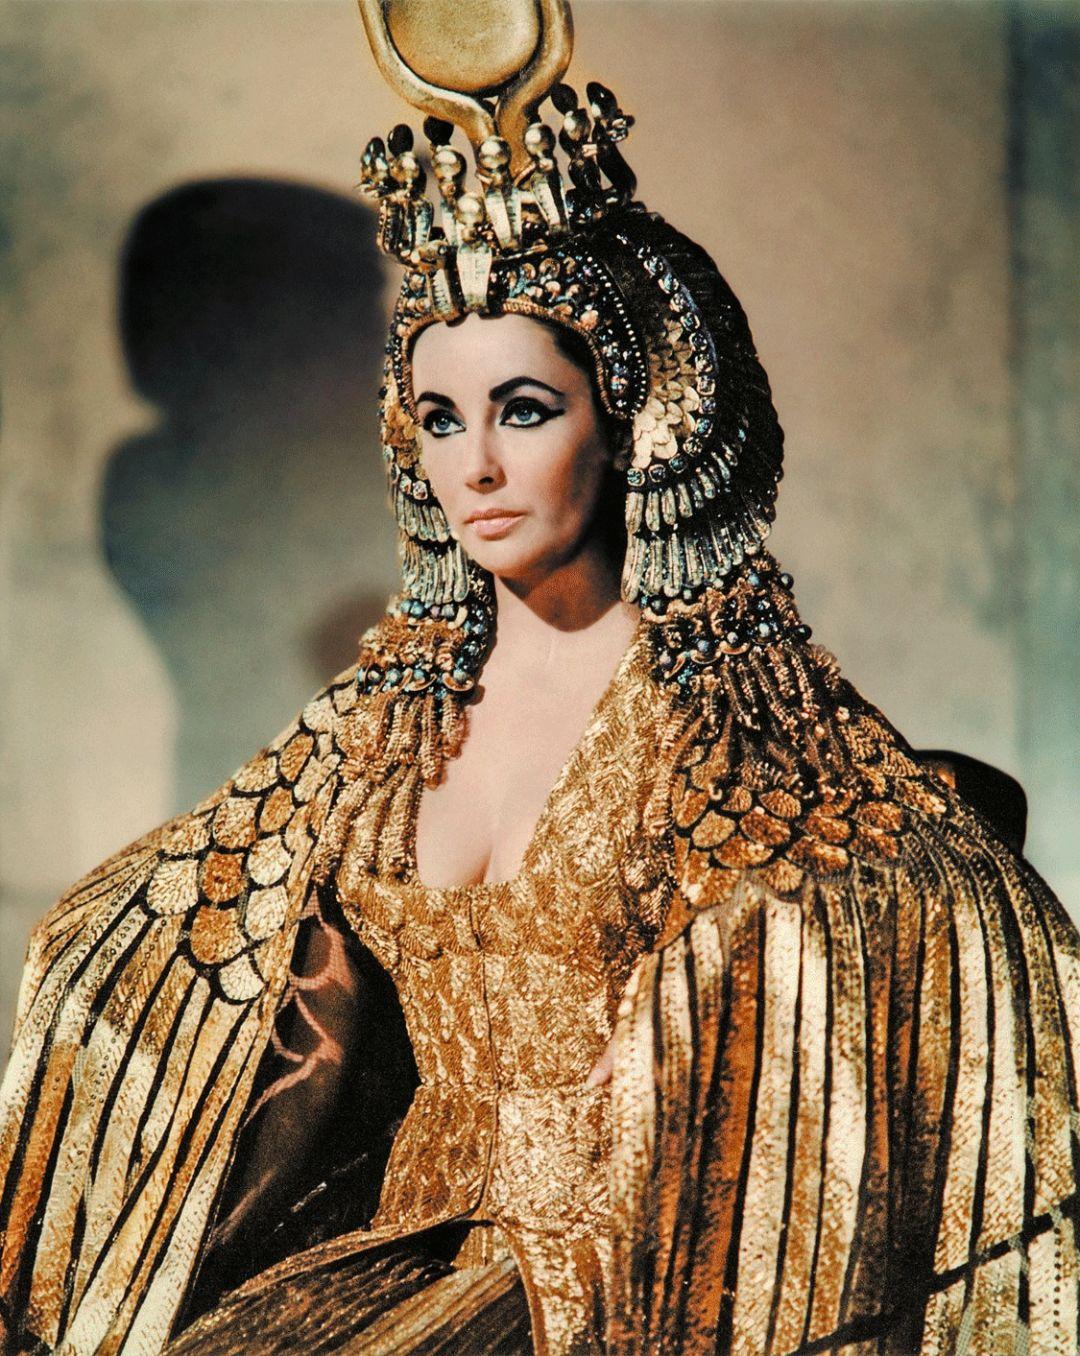 这个号称好莱坞最美的女人,家里到底有多少金银珠宝?!